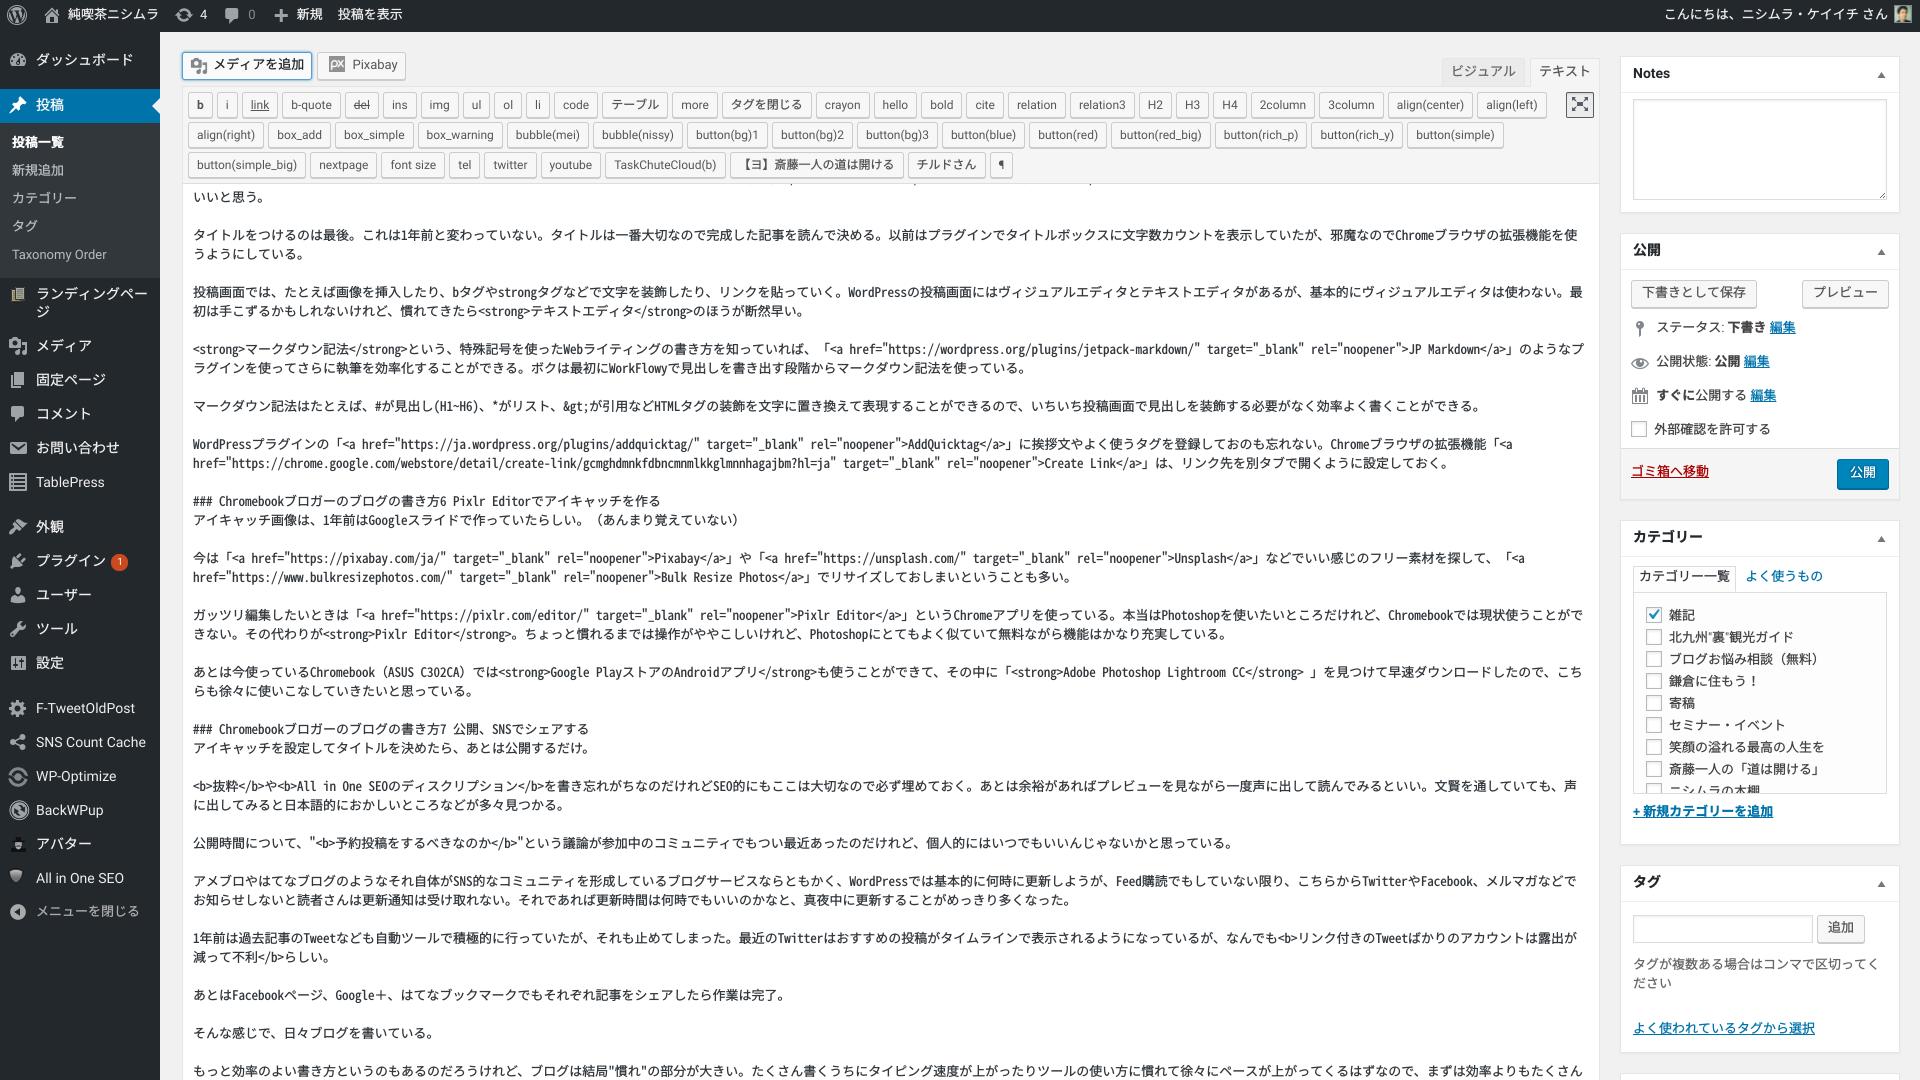 WordPressのテキストエディタで編集中の様子。よく使うタグはAddquicktagに登録している。